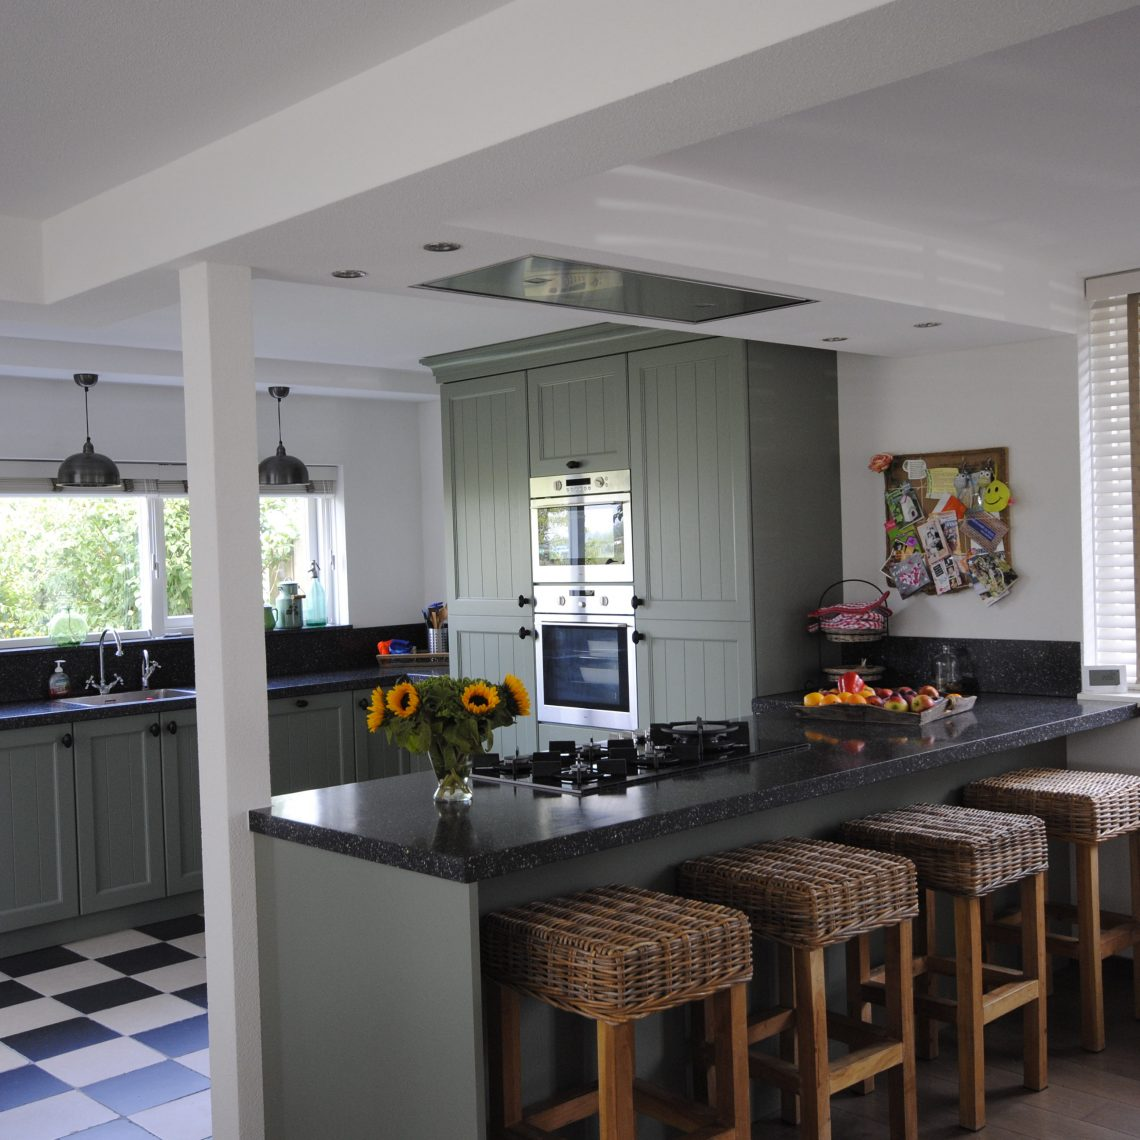 Landelijke Keuken Met Schiereiland : Landelijke keuken in Alblasserdam – Keukenhof Sliedrecht